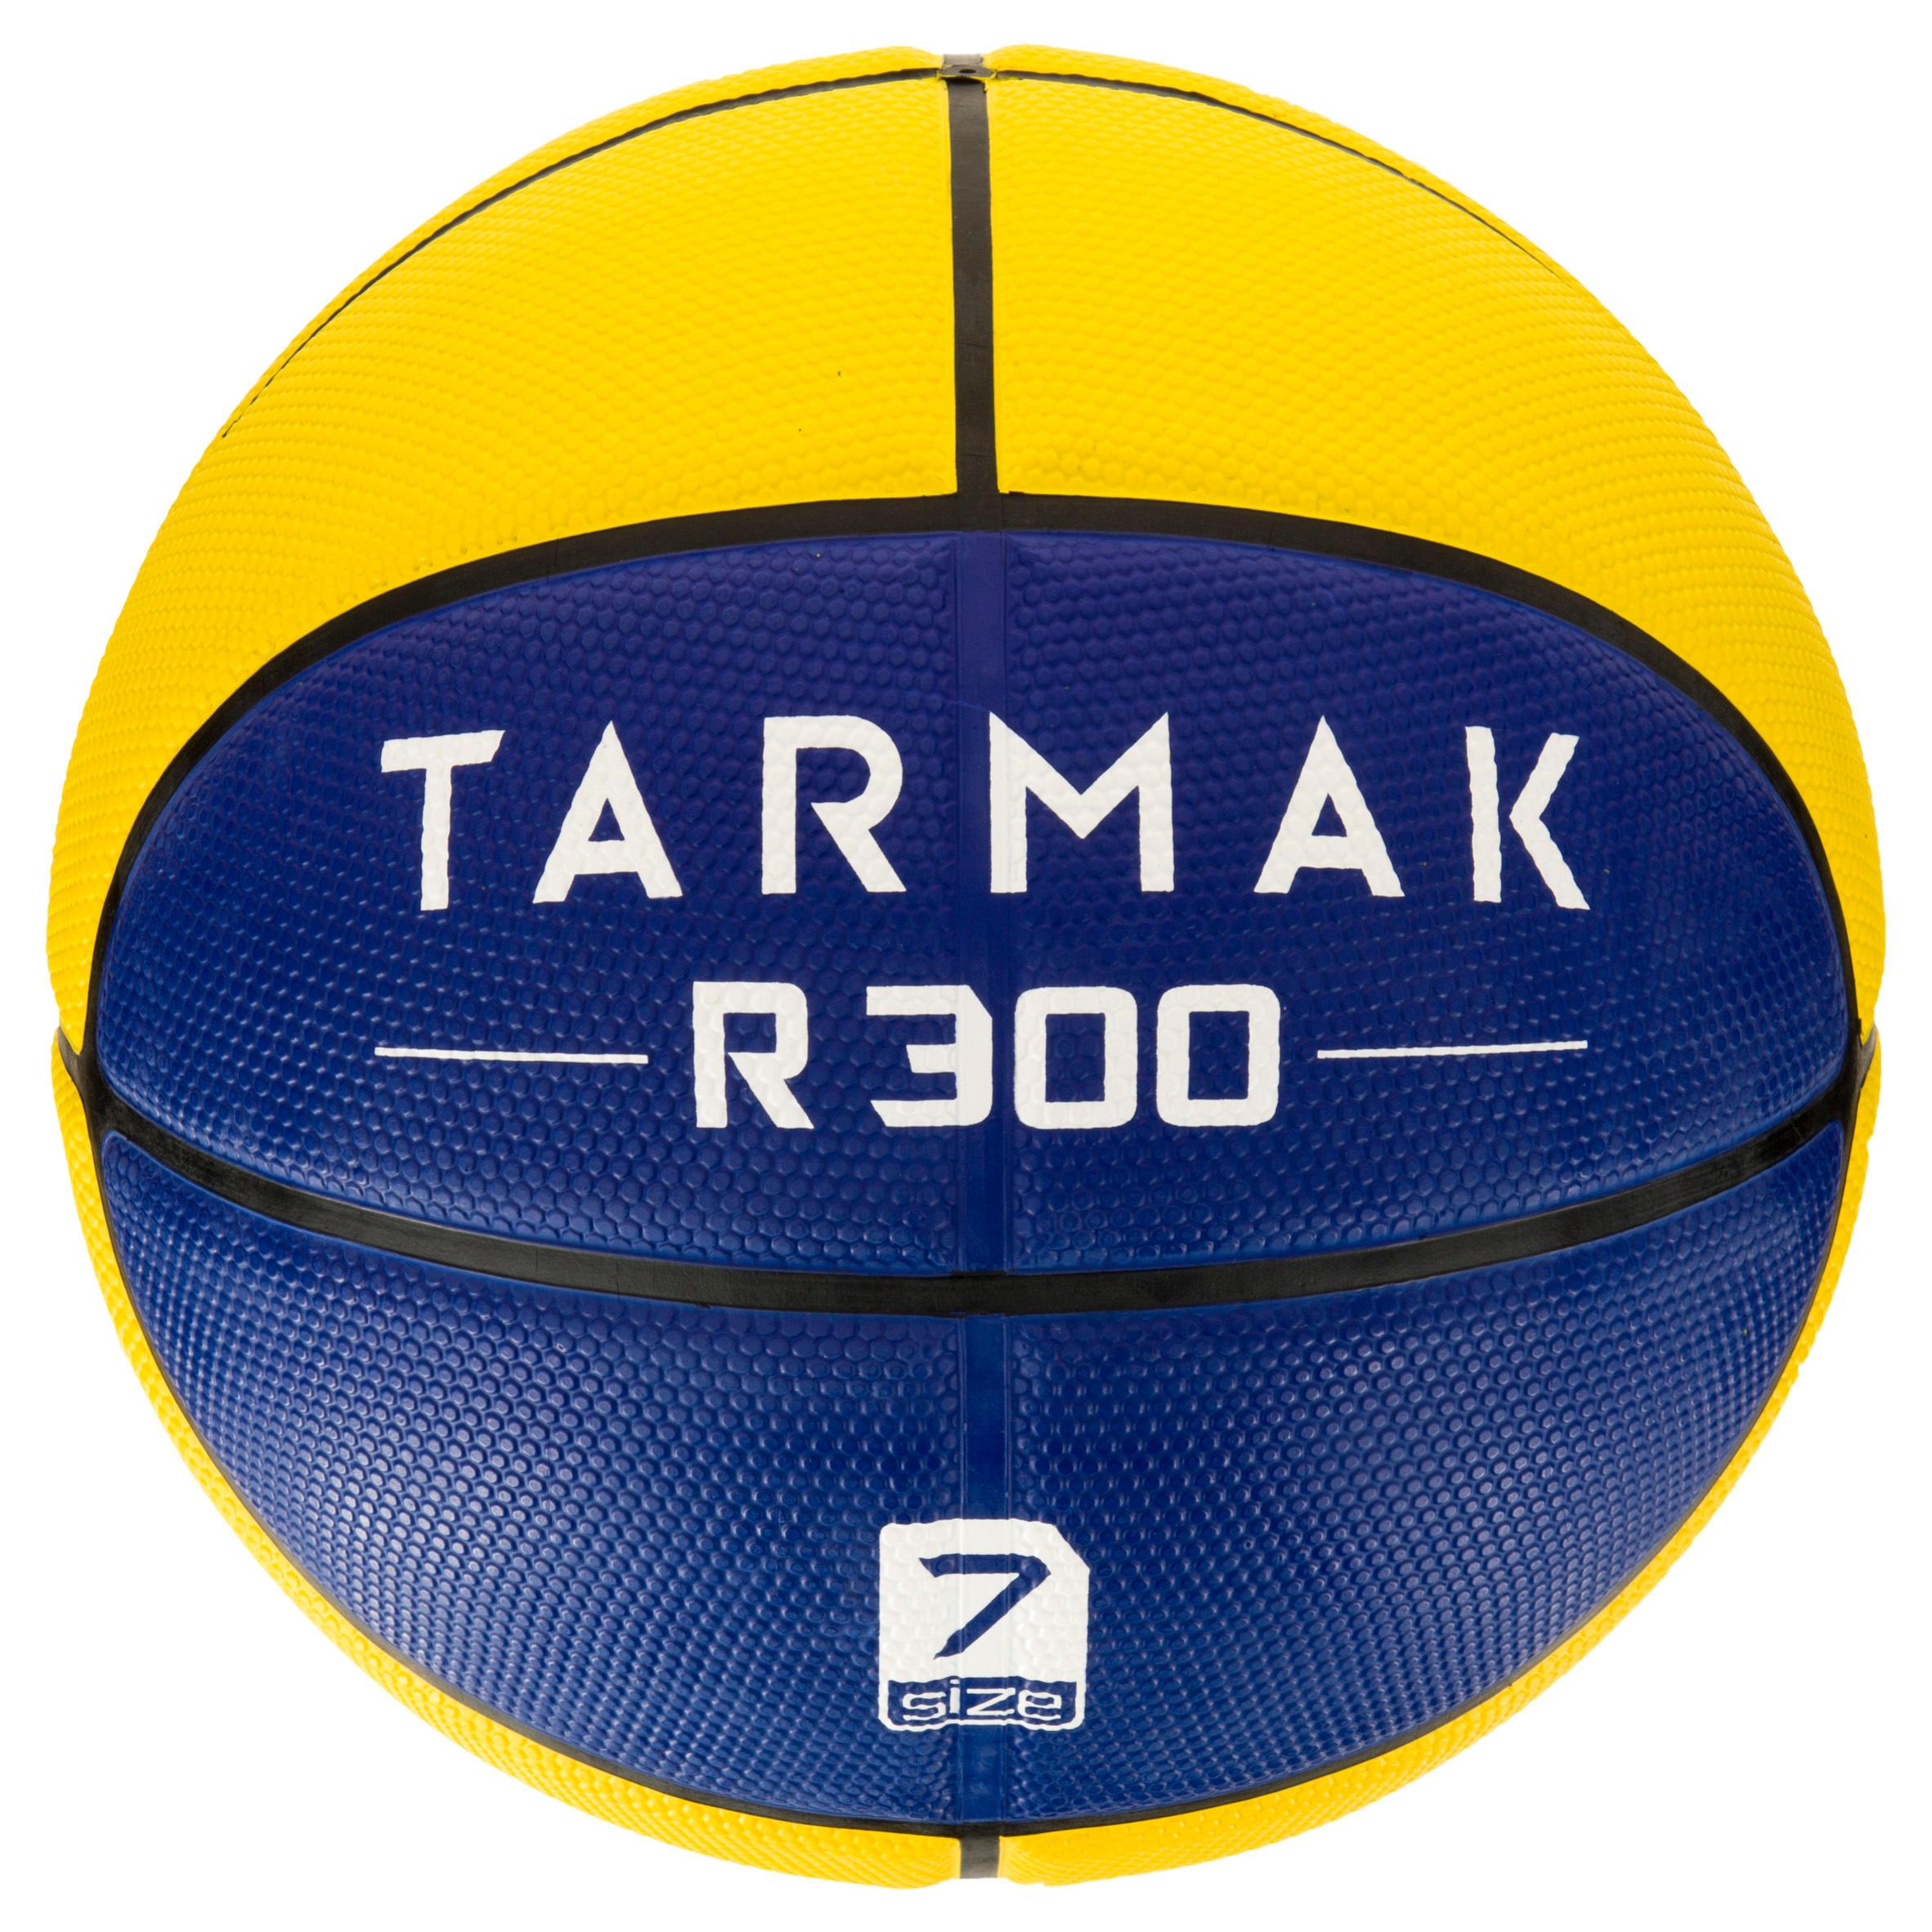 Tarmak Basketbal voor heren R300 maat 7 geel/blauw Slijtvast. Vanaf 12 jaar.